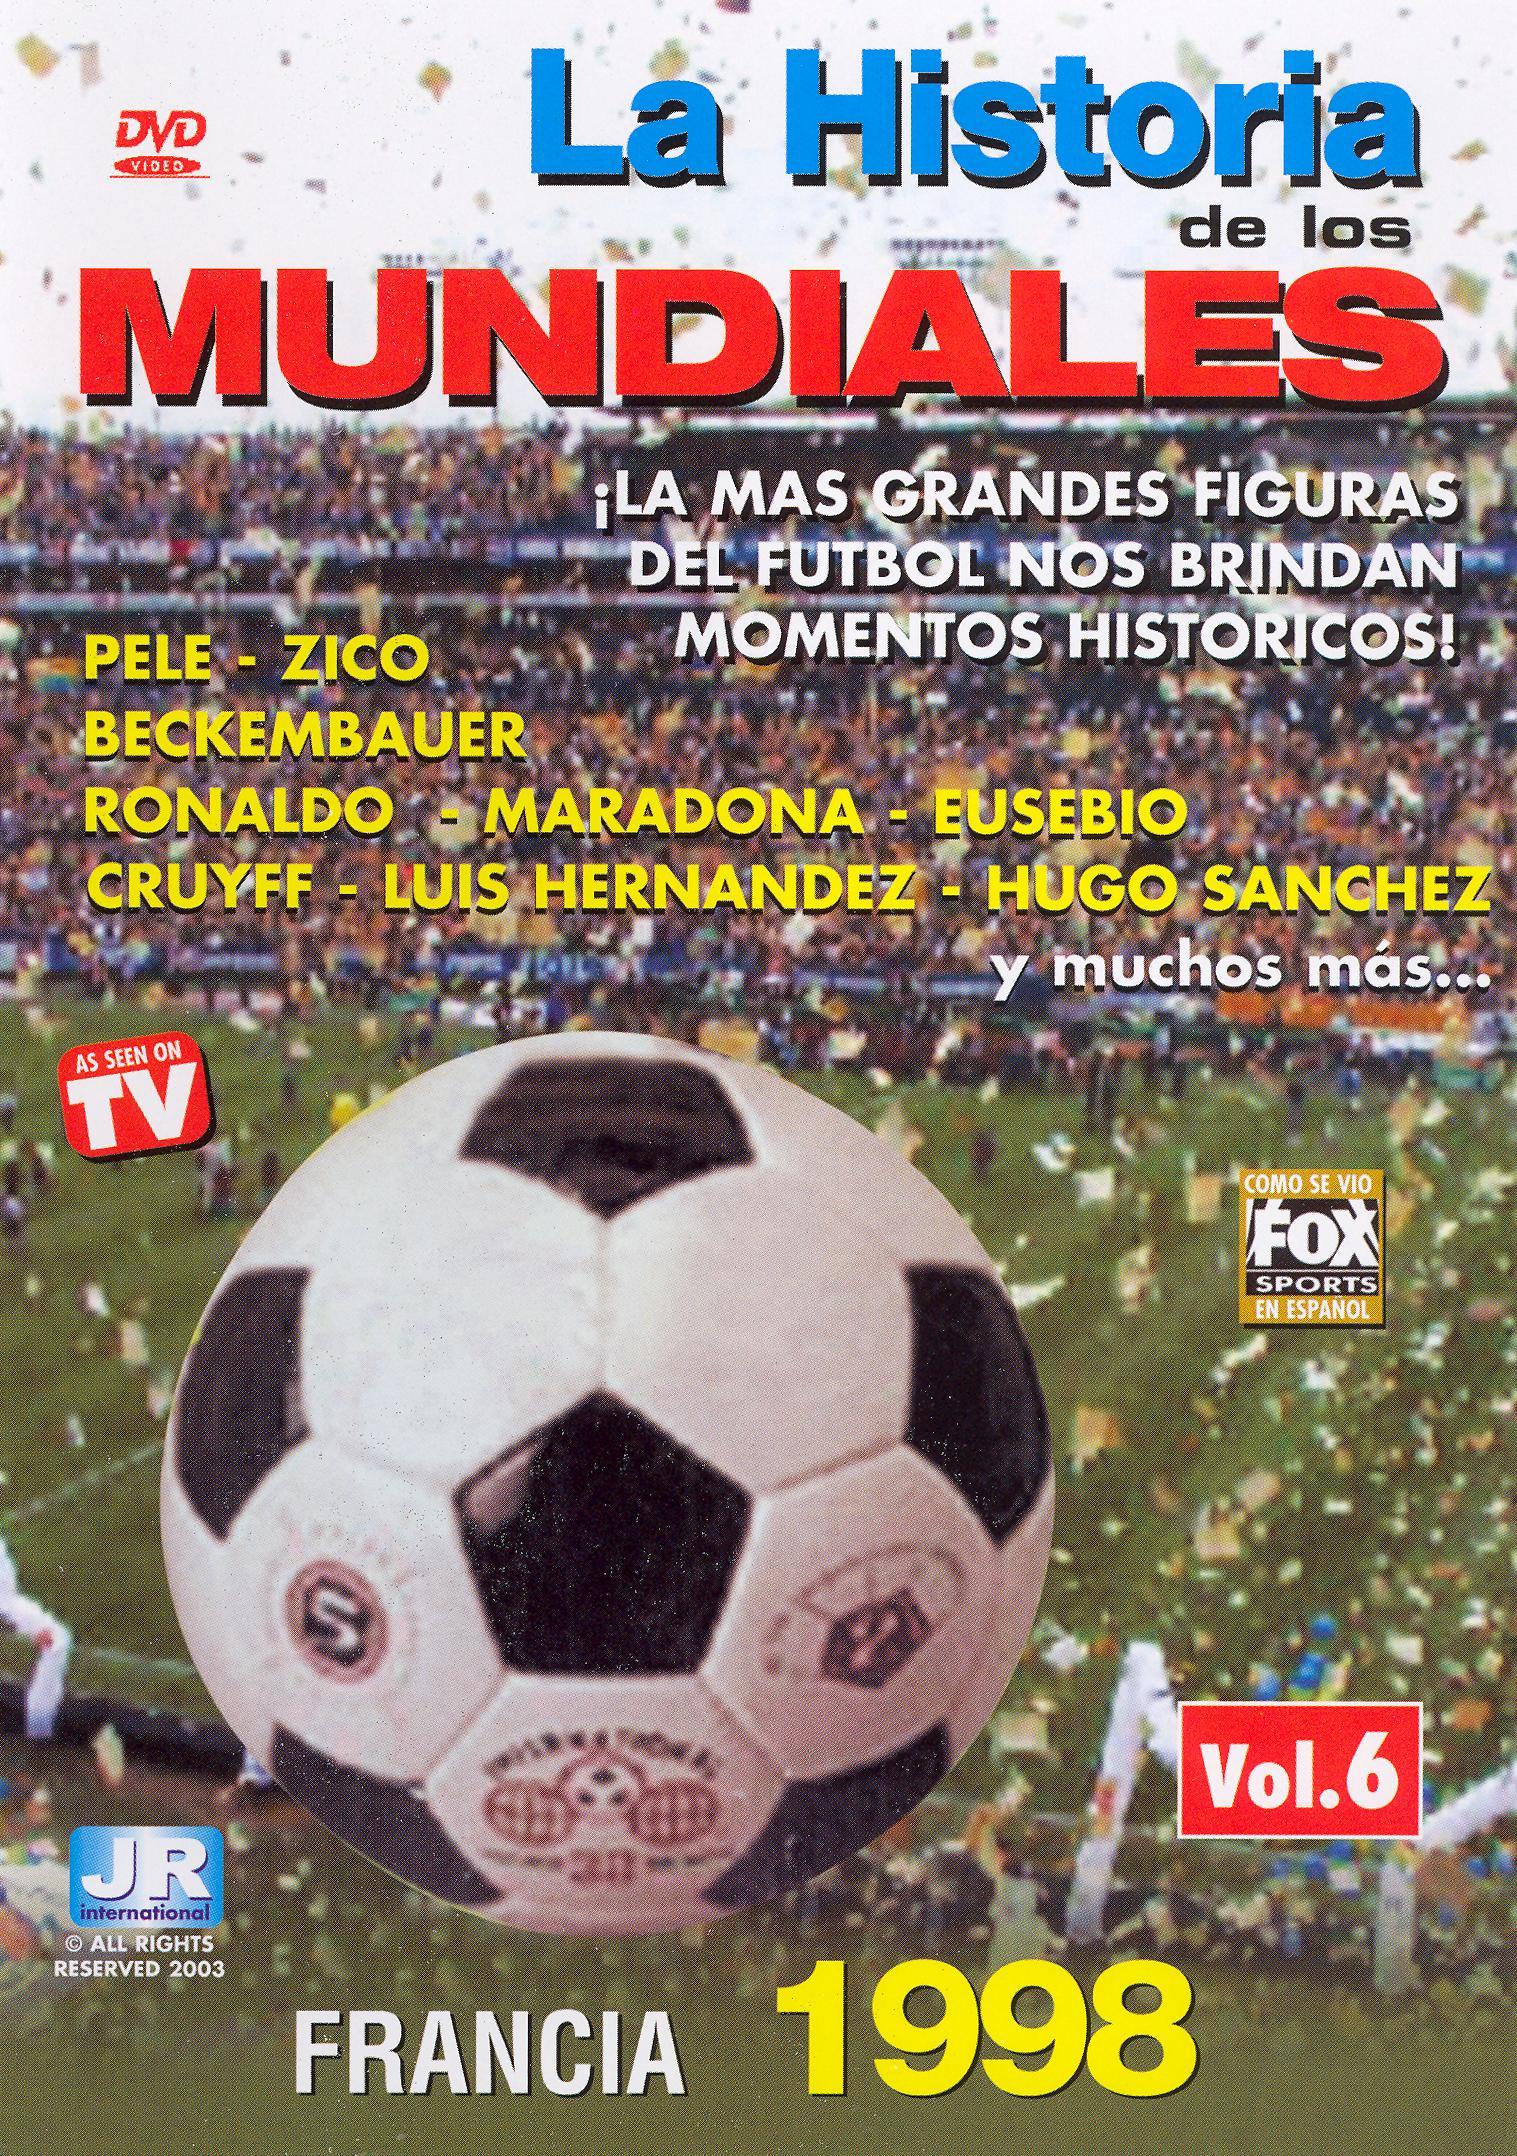 La Historia de los Mundiales de Futbol, Vol. 6: Francia 1998